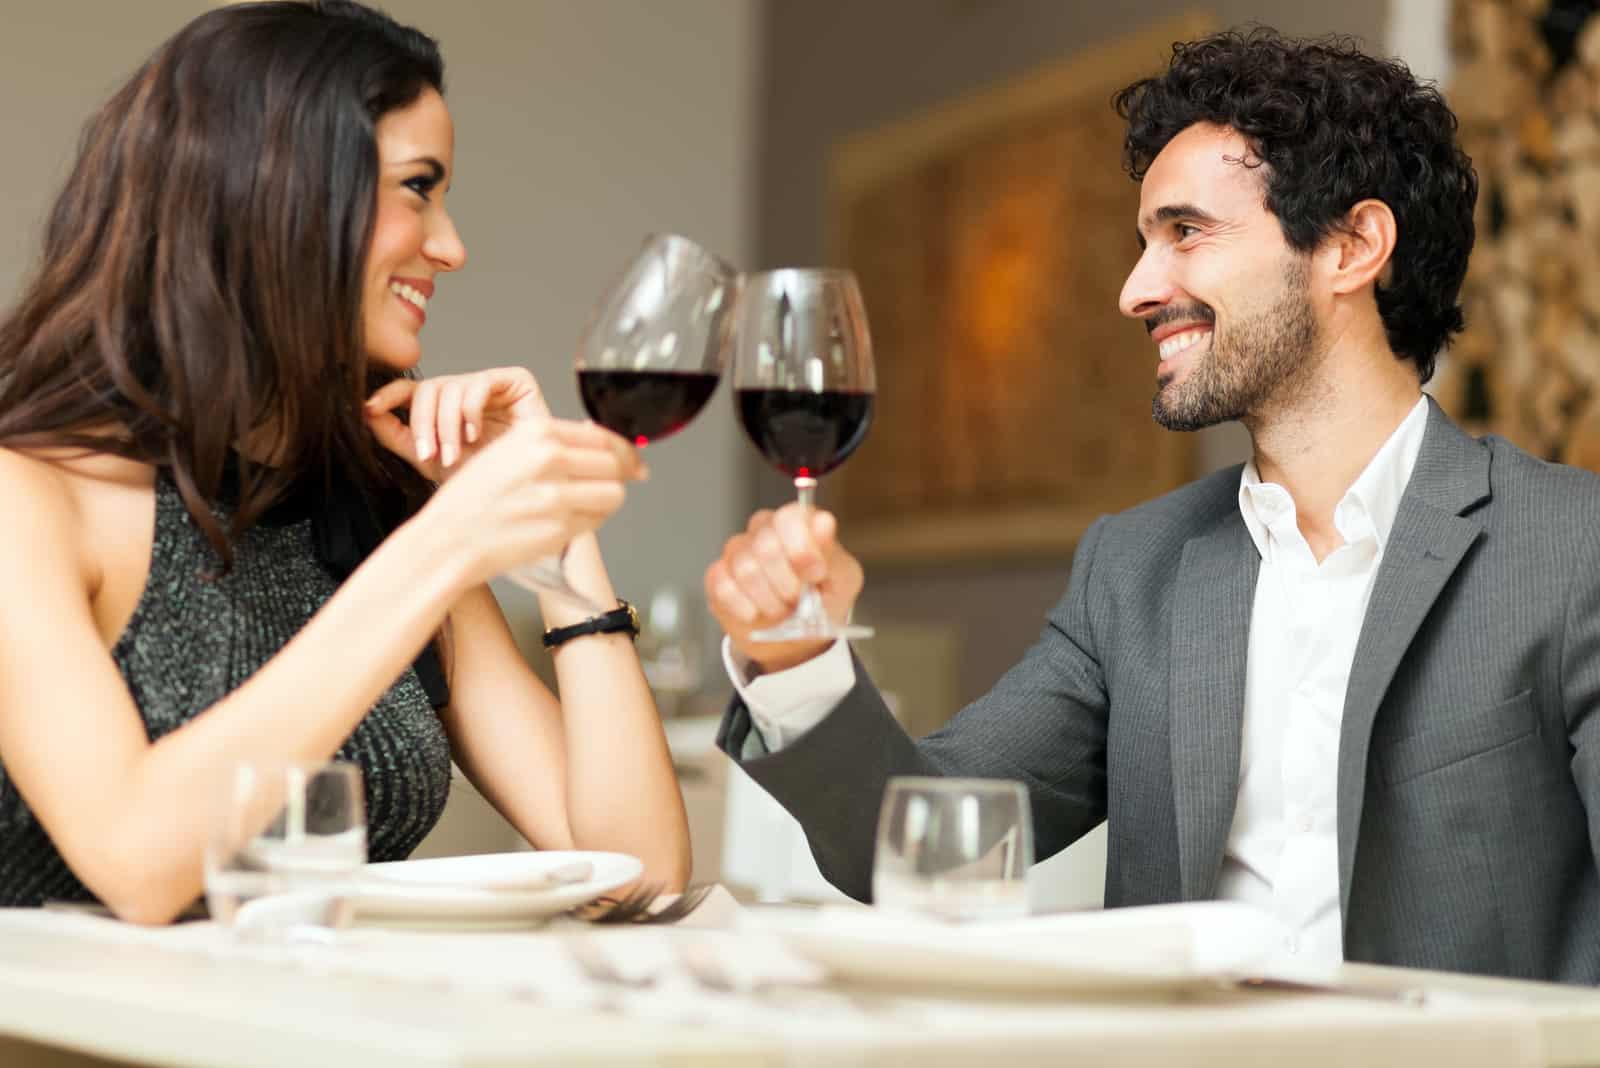 ein Mann und eine Frau stoßen mit Wein an